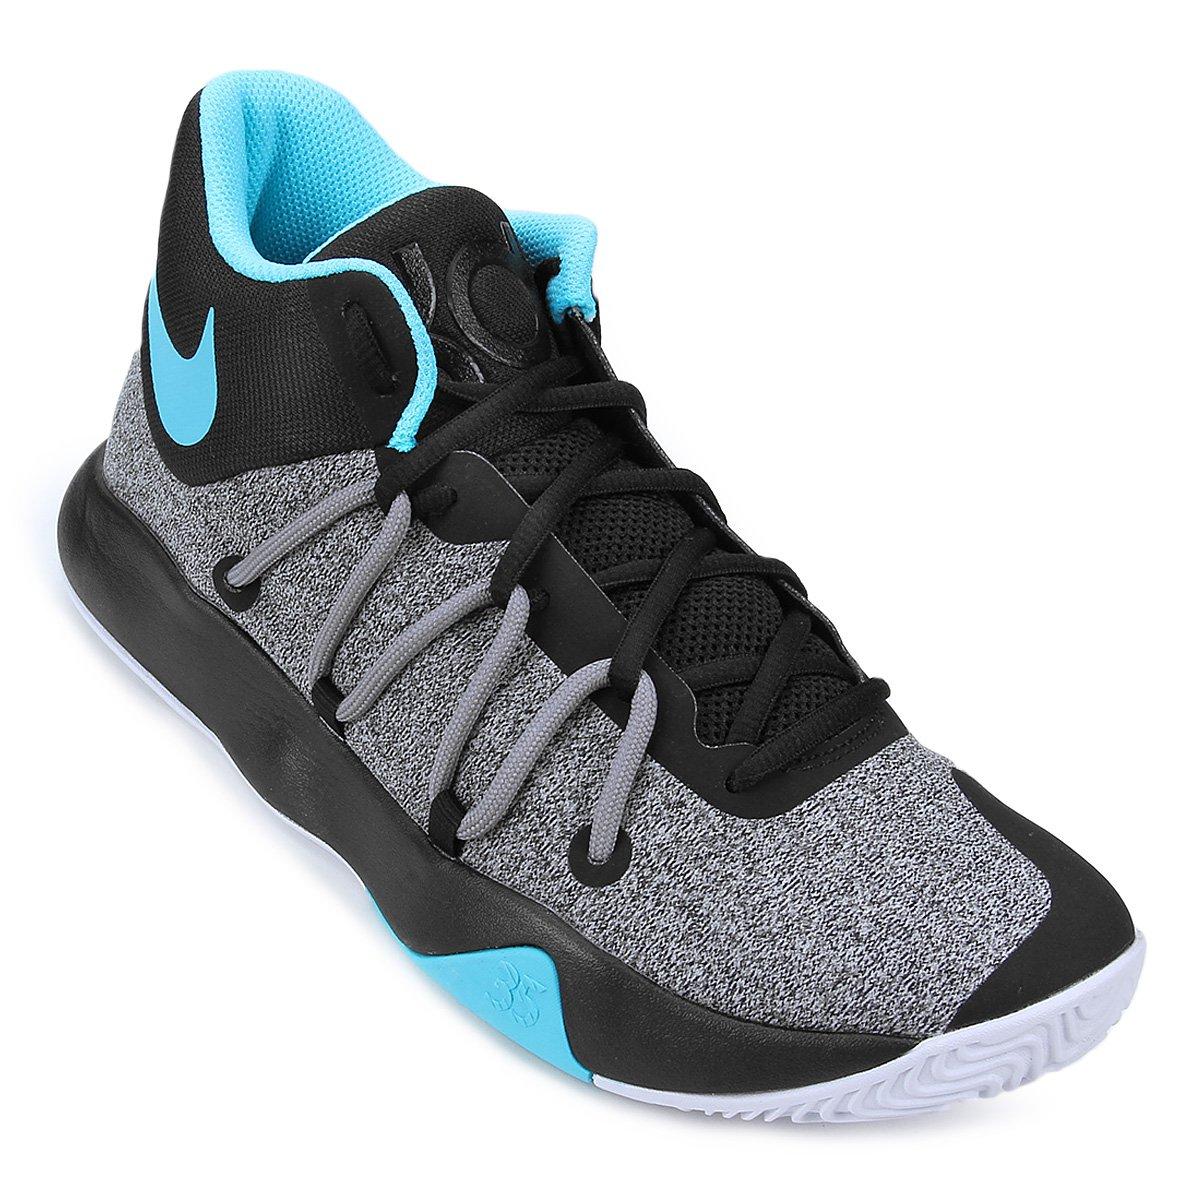 49177907f58 Tênis Nike KD Trey 5V Masculino - Preto e Azul - Compre Agora